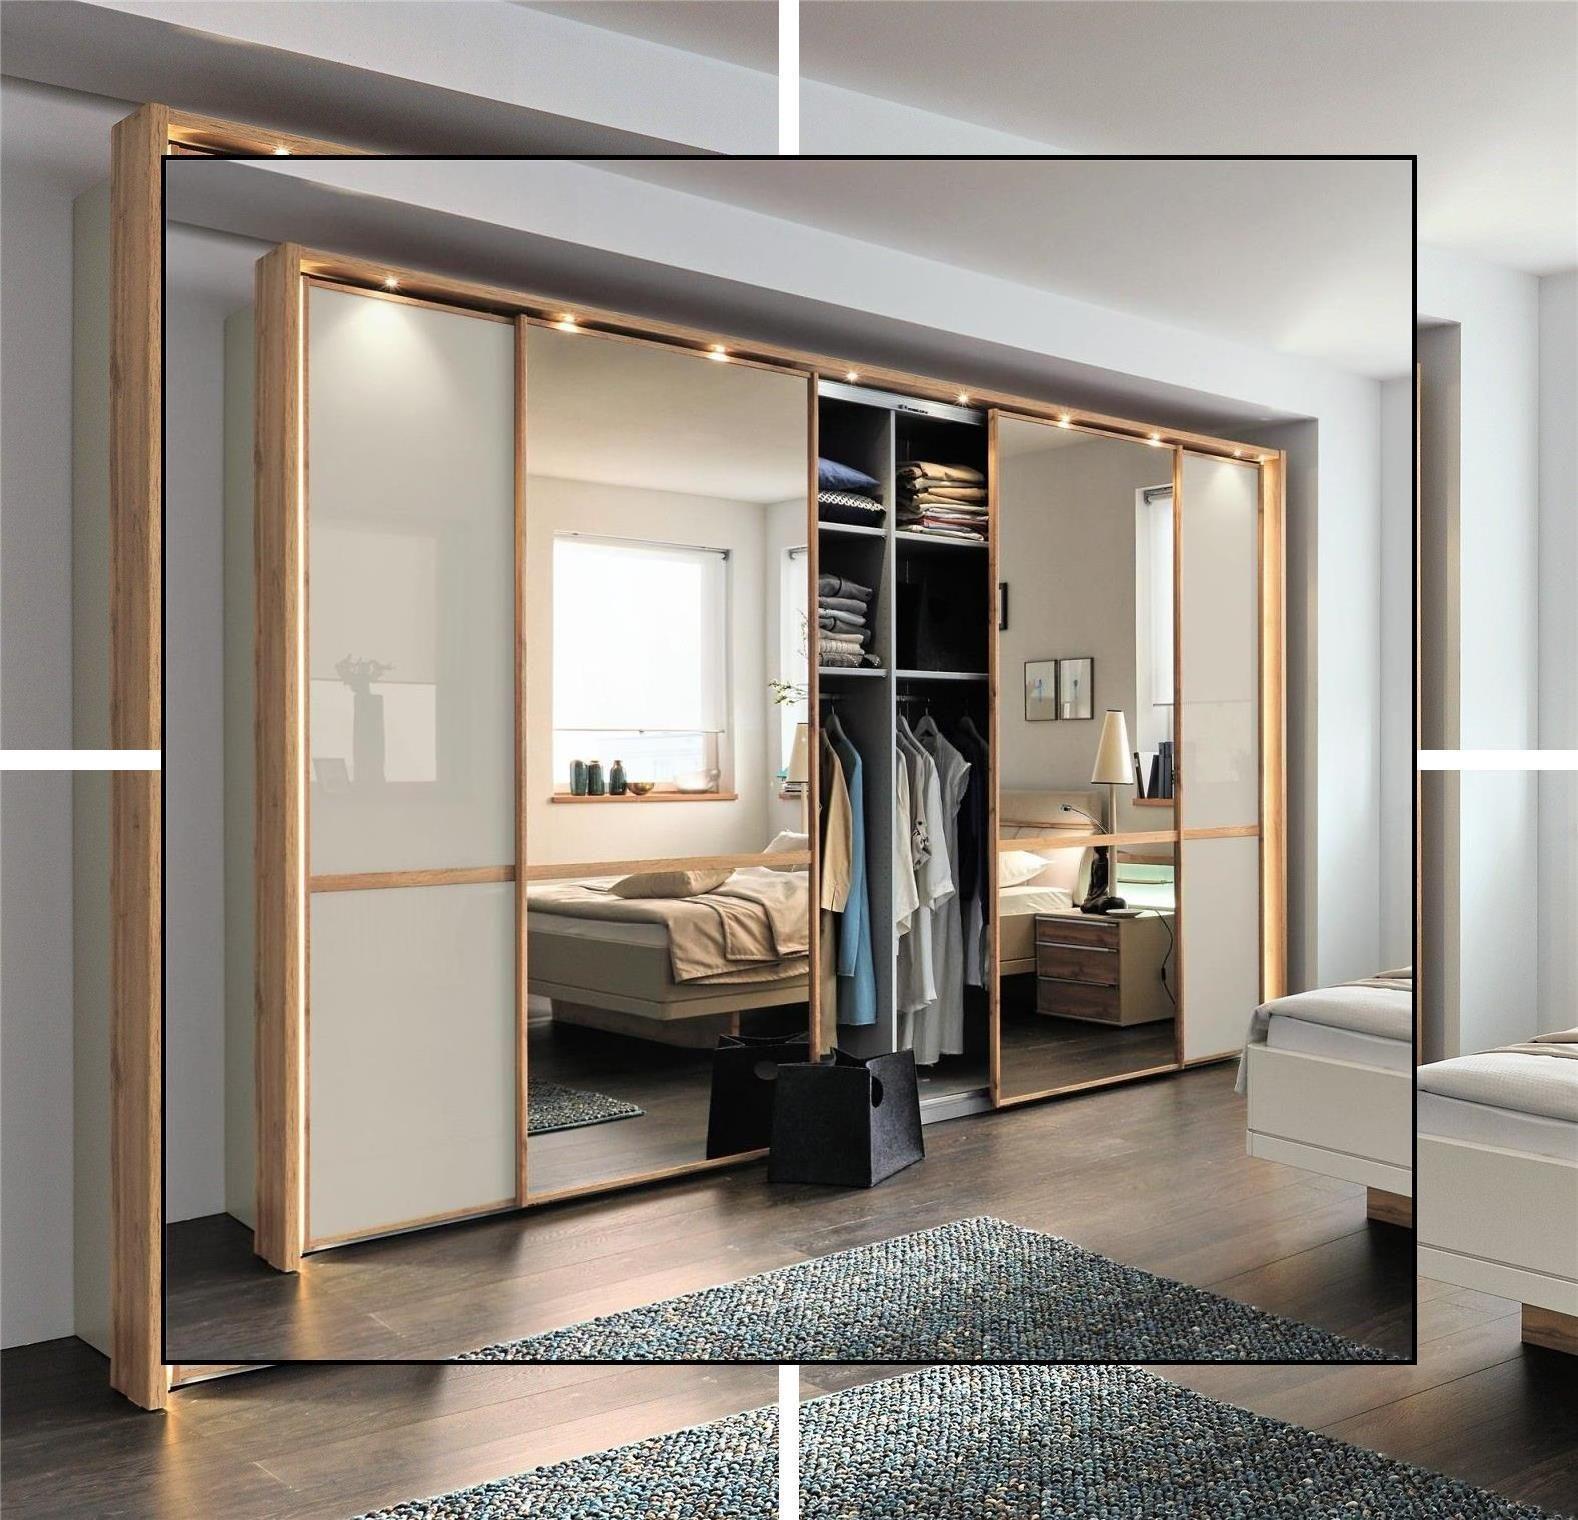 Internal Bifold Doors White Sliding Door Wall Buy Interior Doors Sliding Door Wardrobe Designs Bedroom Built In Wardrobe Wardrobe Design Bedroom